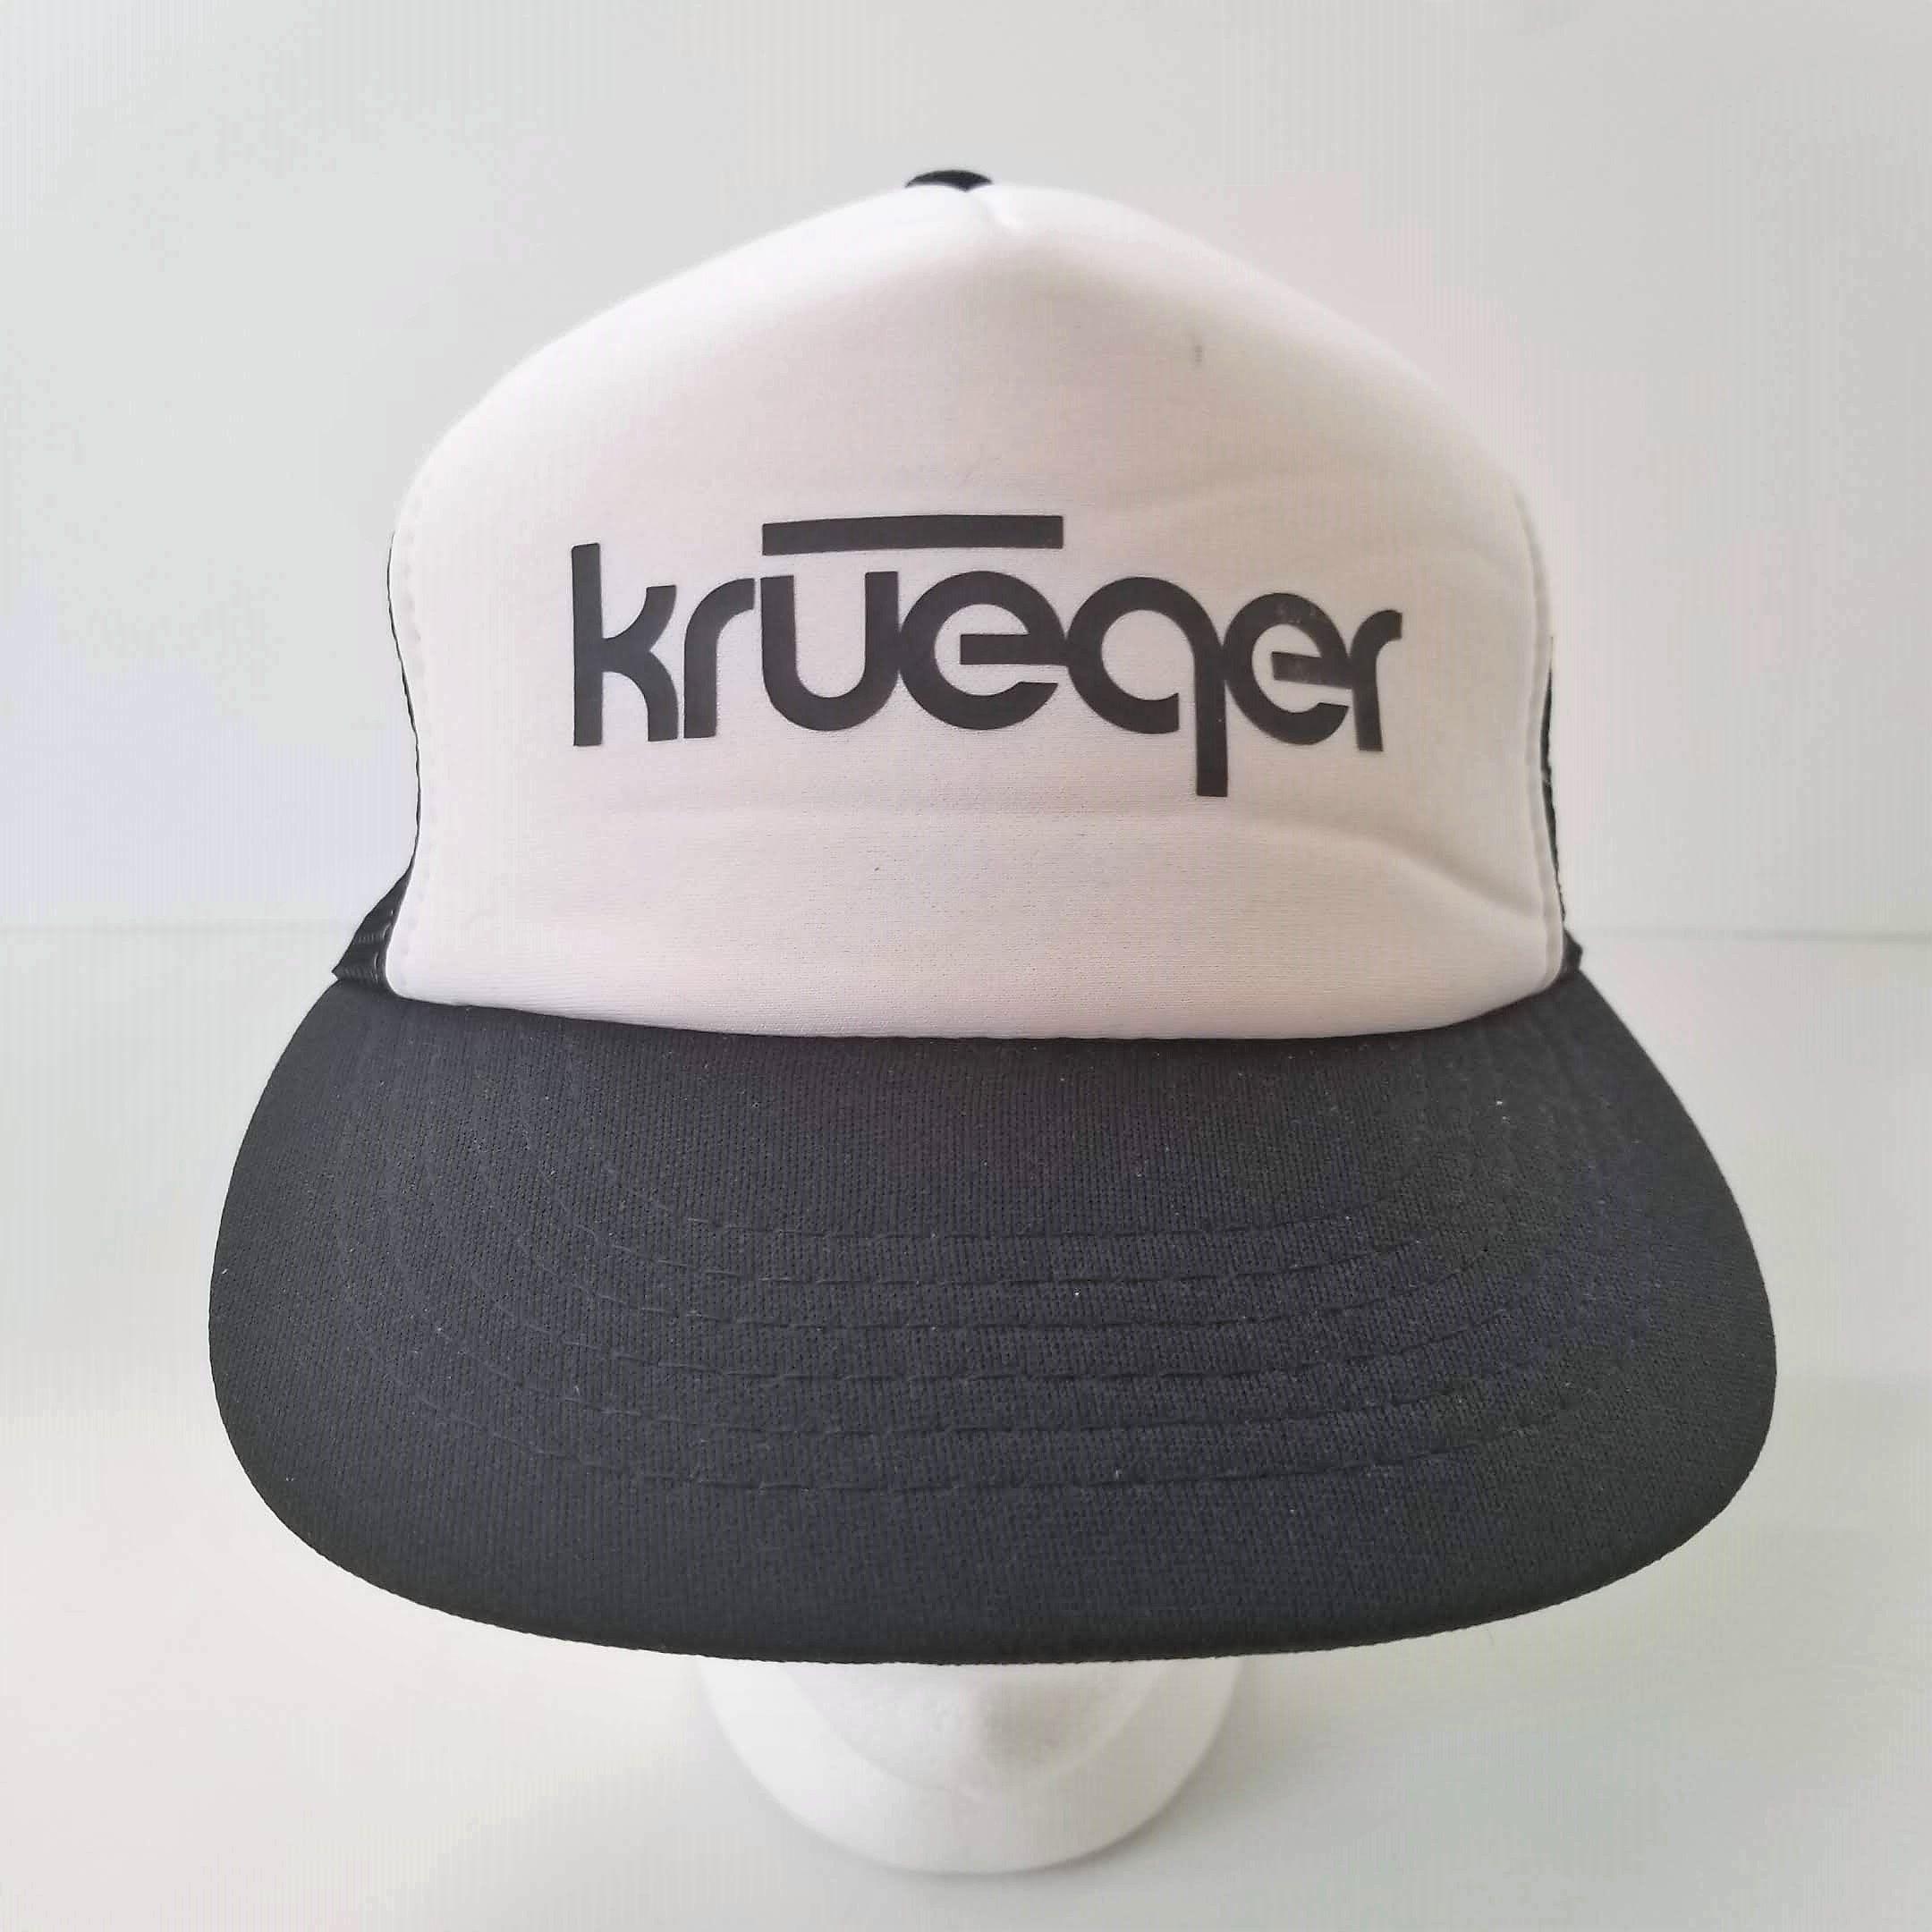 Vintage Krueger Trucker Hat Mesh Snapback Black White 80s Ball Cap Logo By Trasheewomen On Etsy Krueger Trucker Truckerhat Snap Hats For Sale Cap Logo Hats